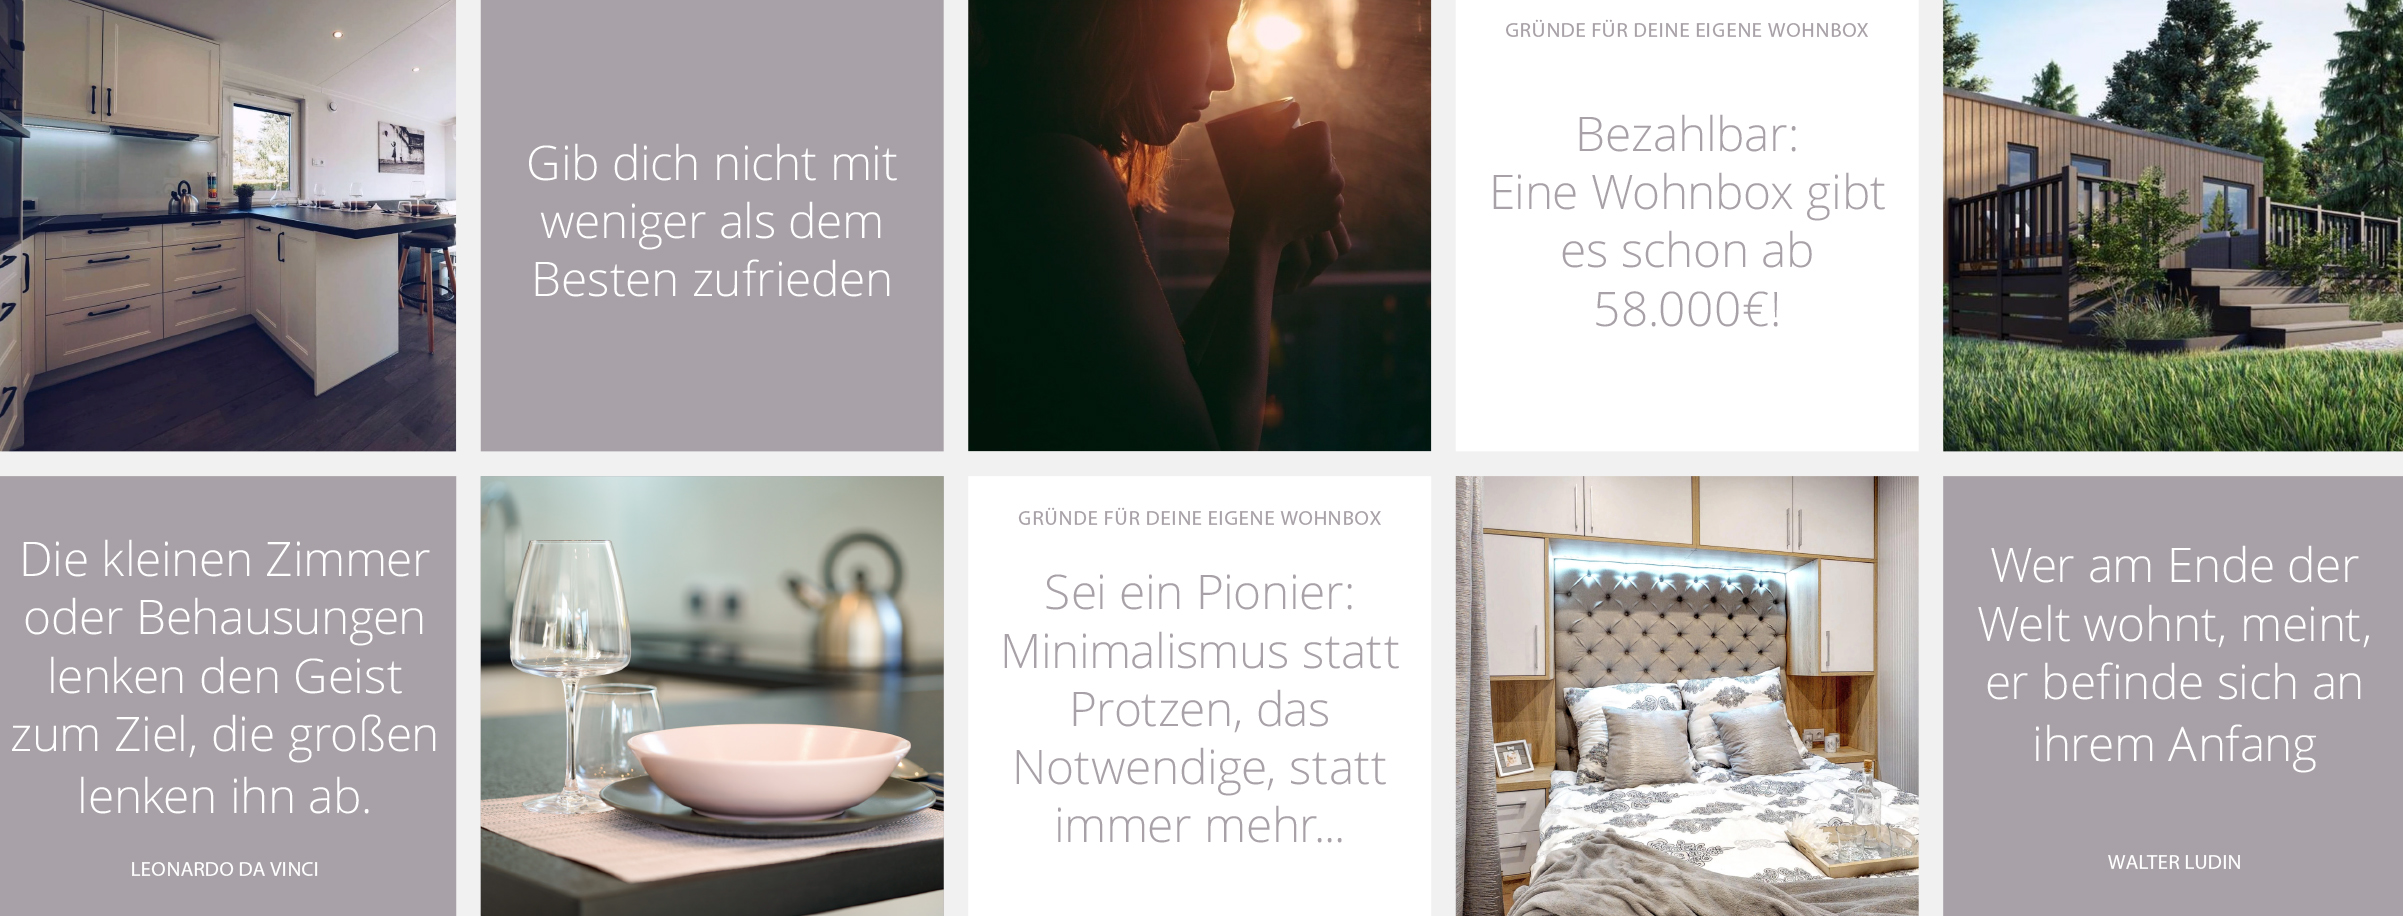 referenz-agentur-heidelberg-website-homepage-design